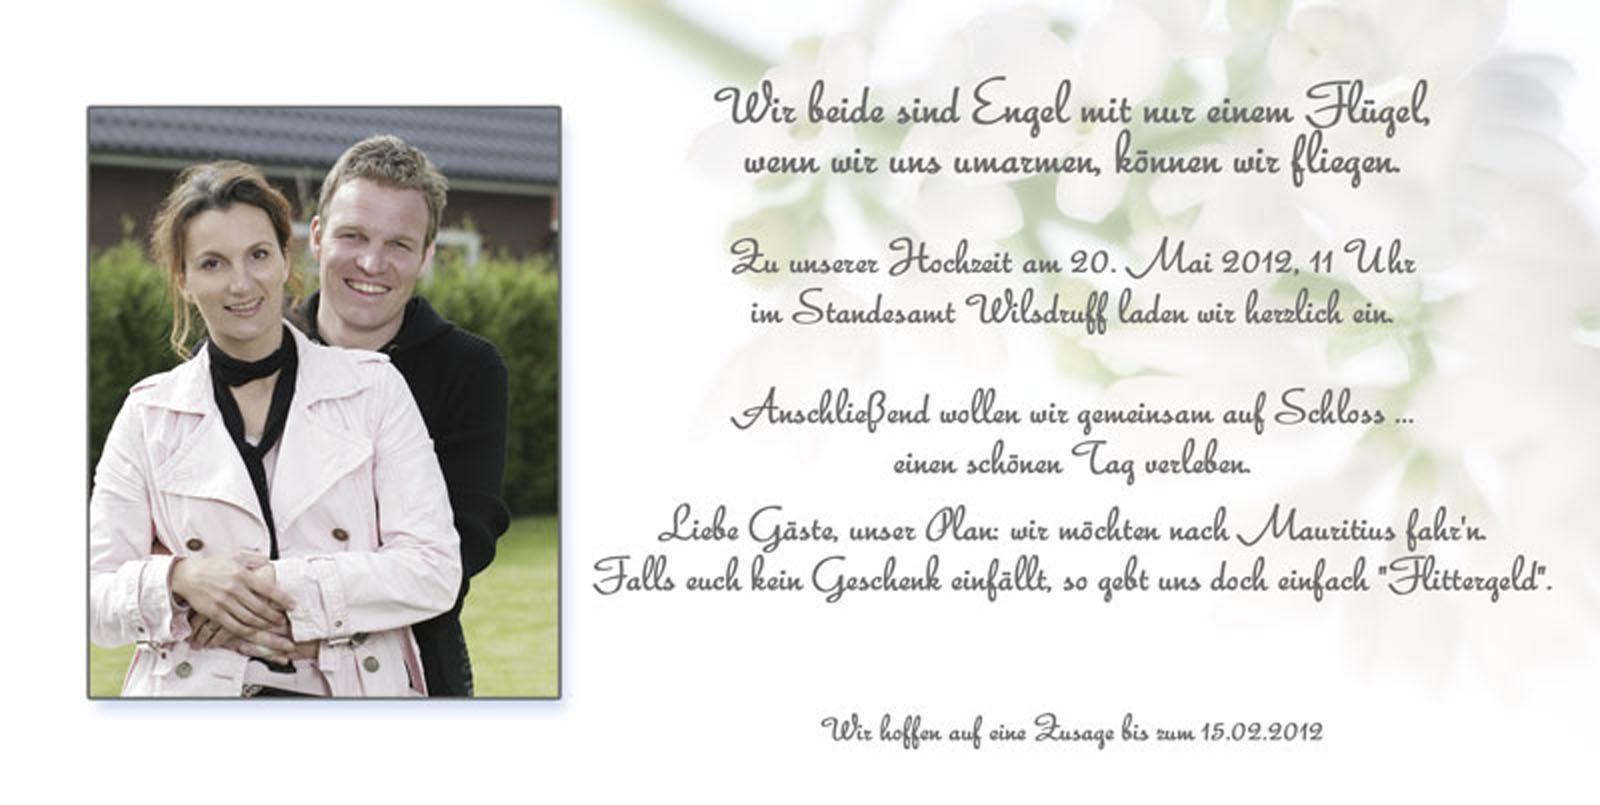 Dankeskarte Hochzeit Text  dankeskarten hochzeit dankeskarte hochzeit text